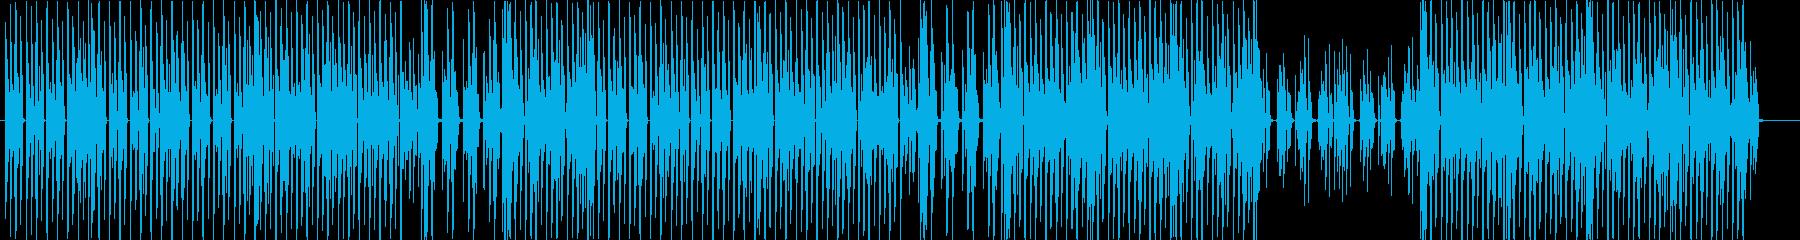 洋楽、ファンク、ディスコ、ヒップホップ♪の再生済みの波形